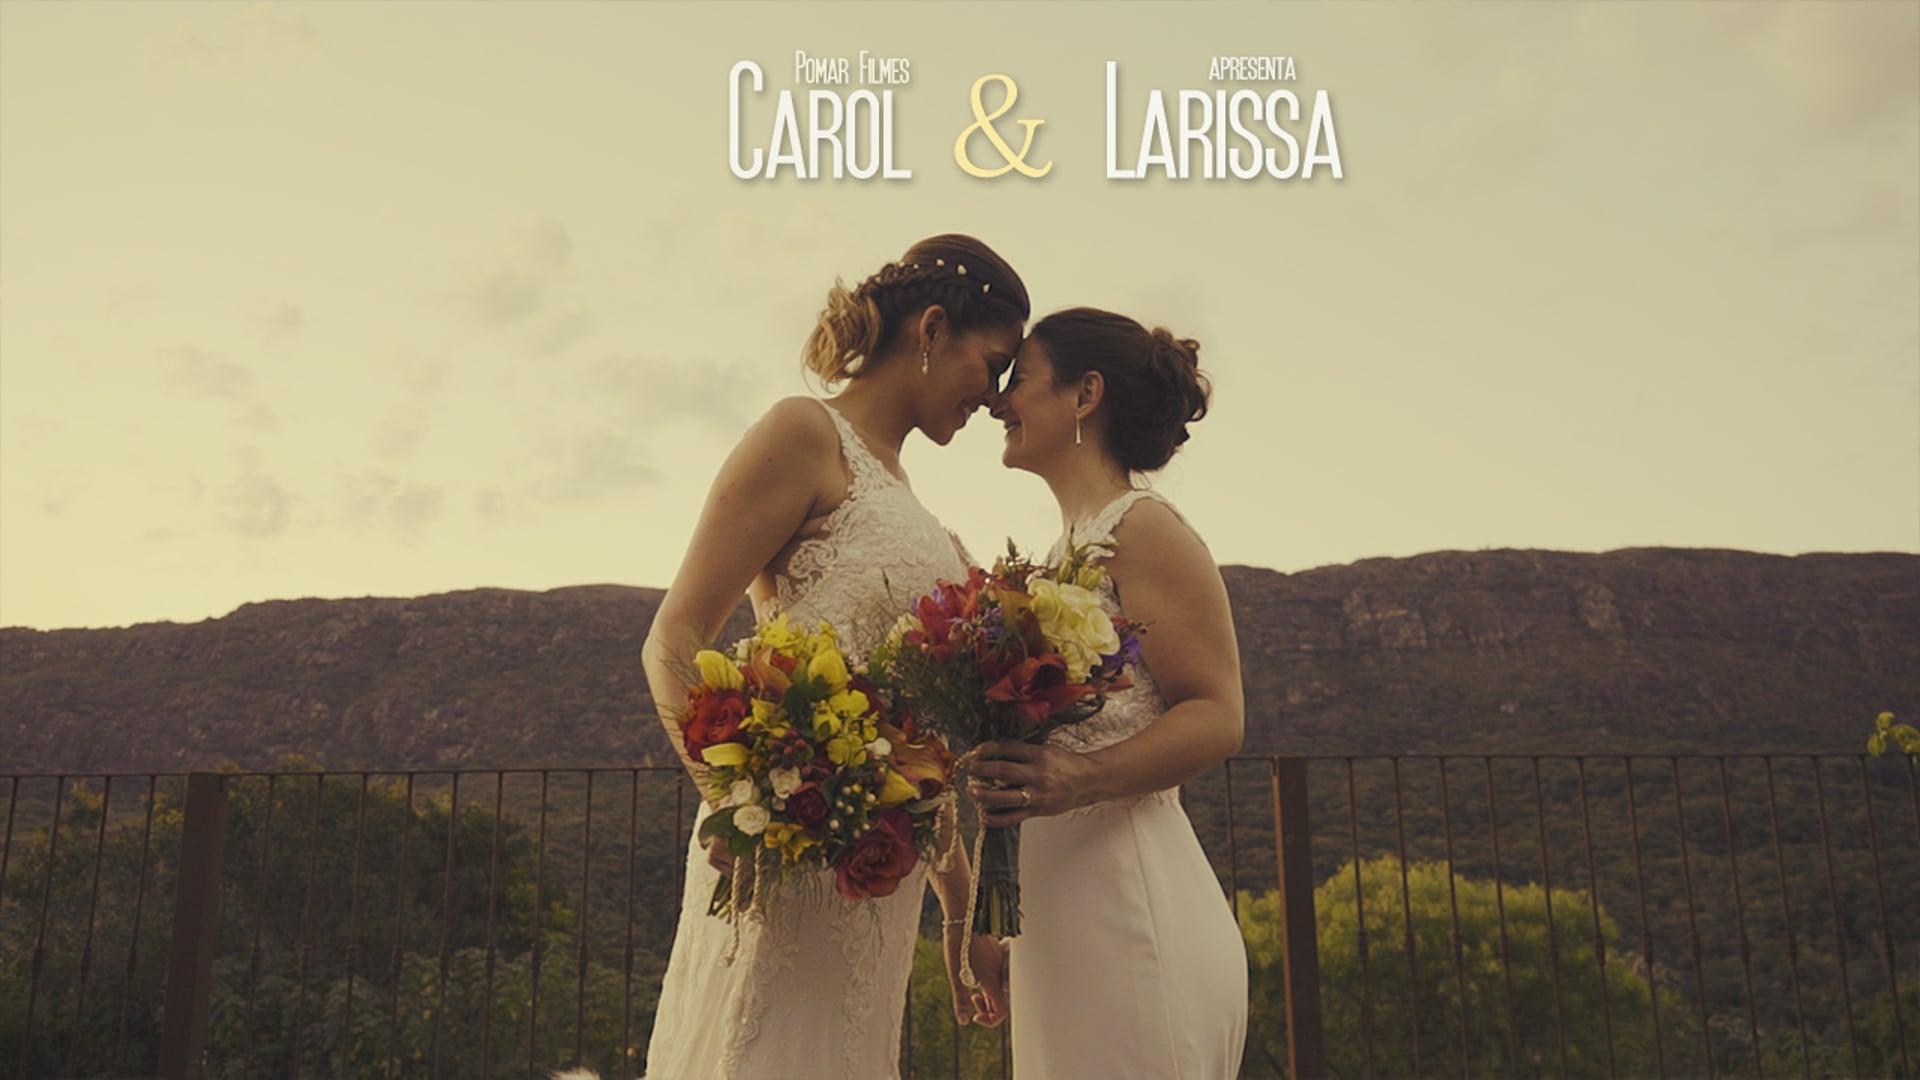 CAROL E LARISSA